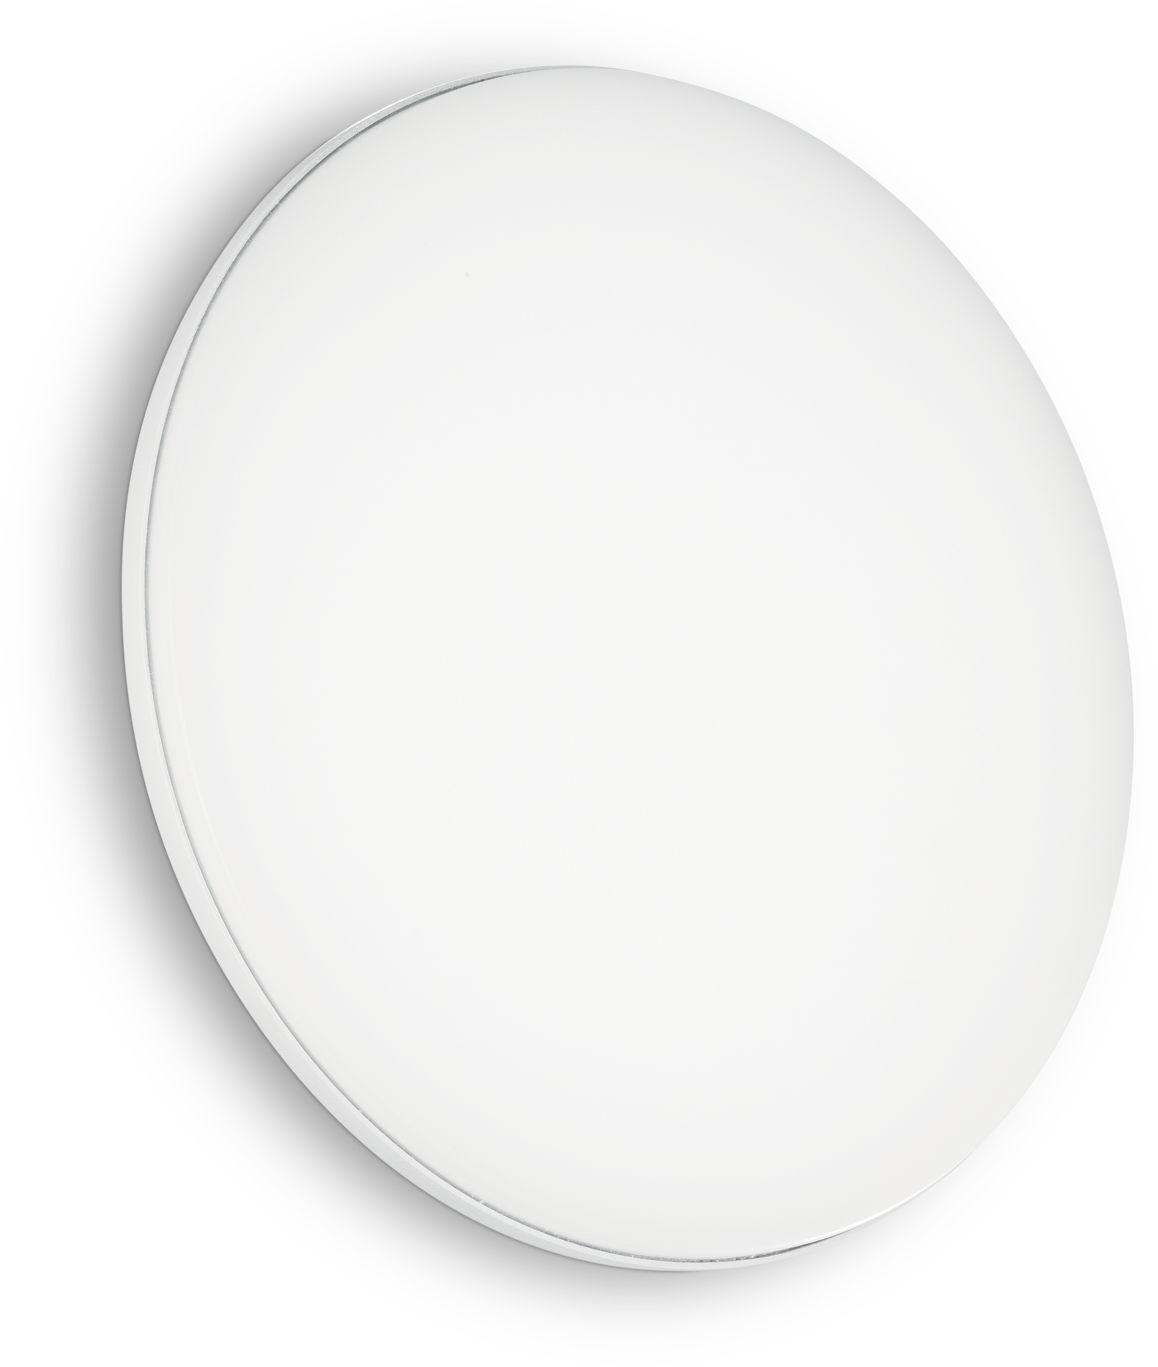 Plafon Mib PL1 Round 202945 Ideal Lux nowoczesna oprawa zewnętrzna w kolorze białym